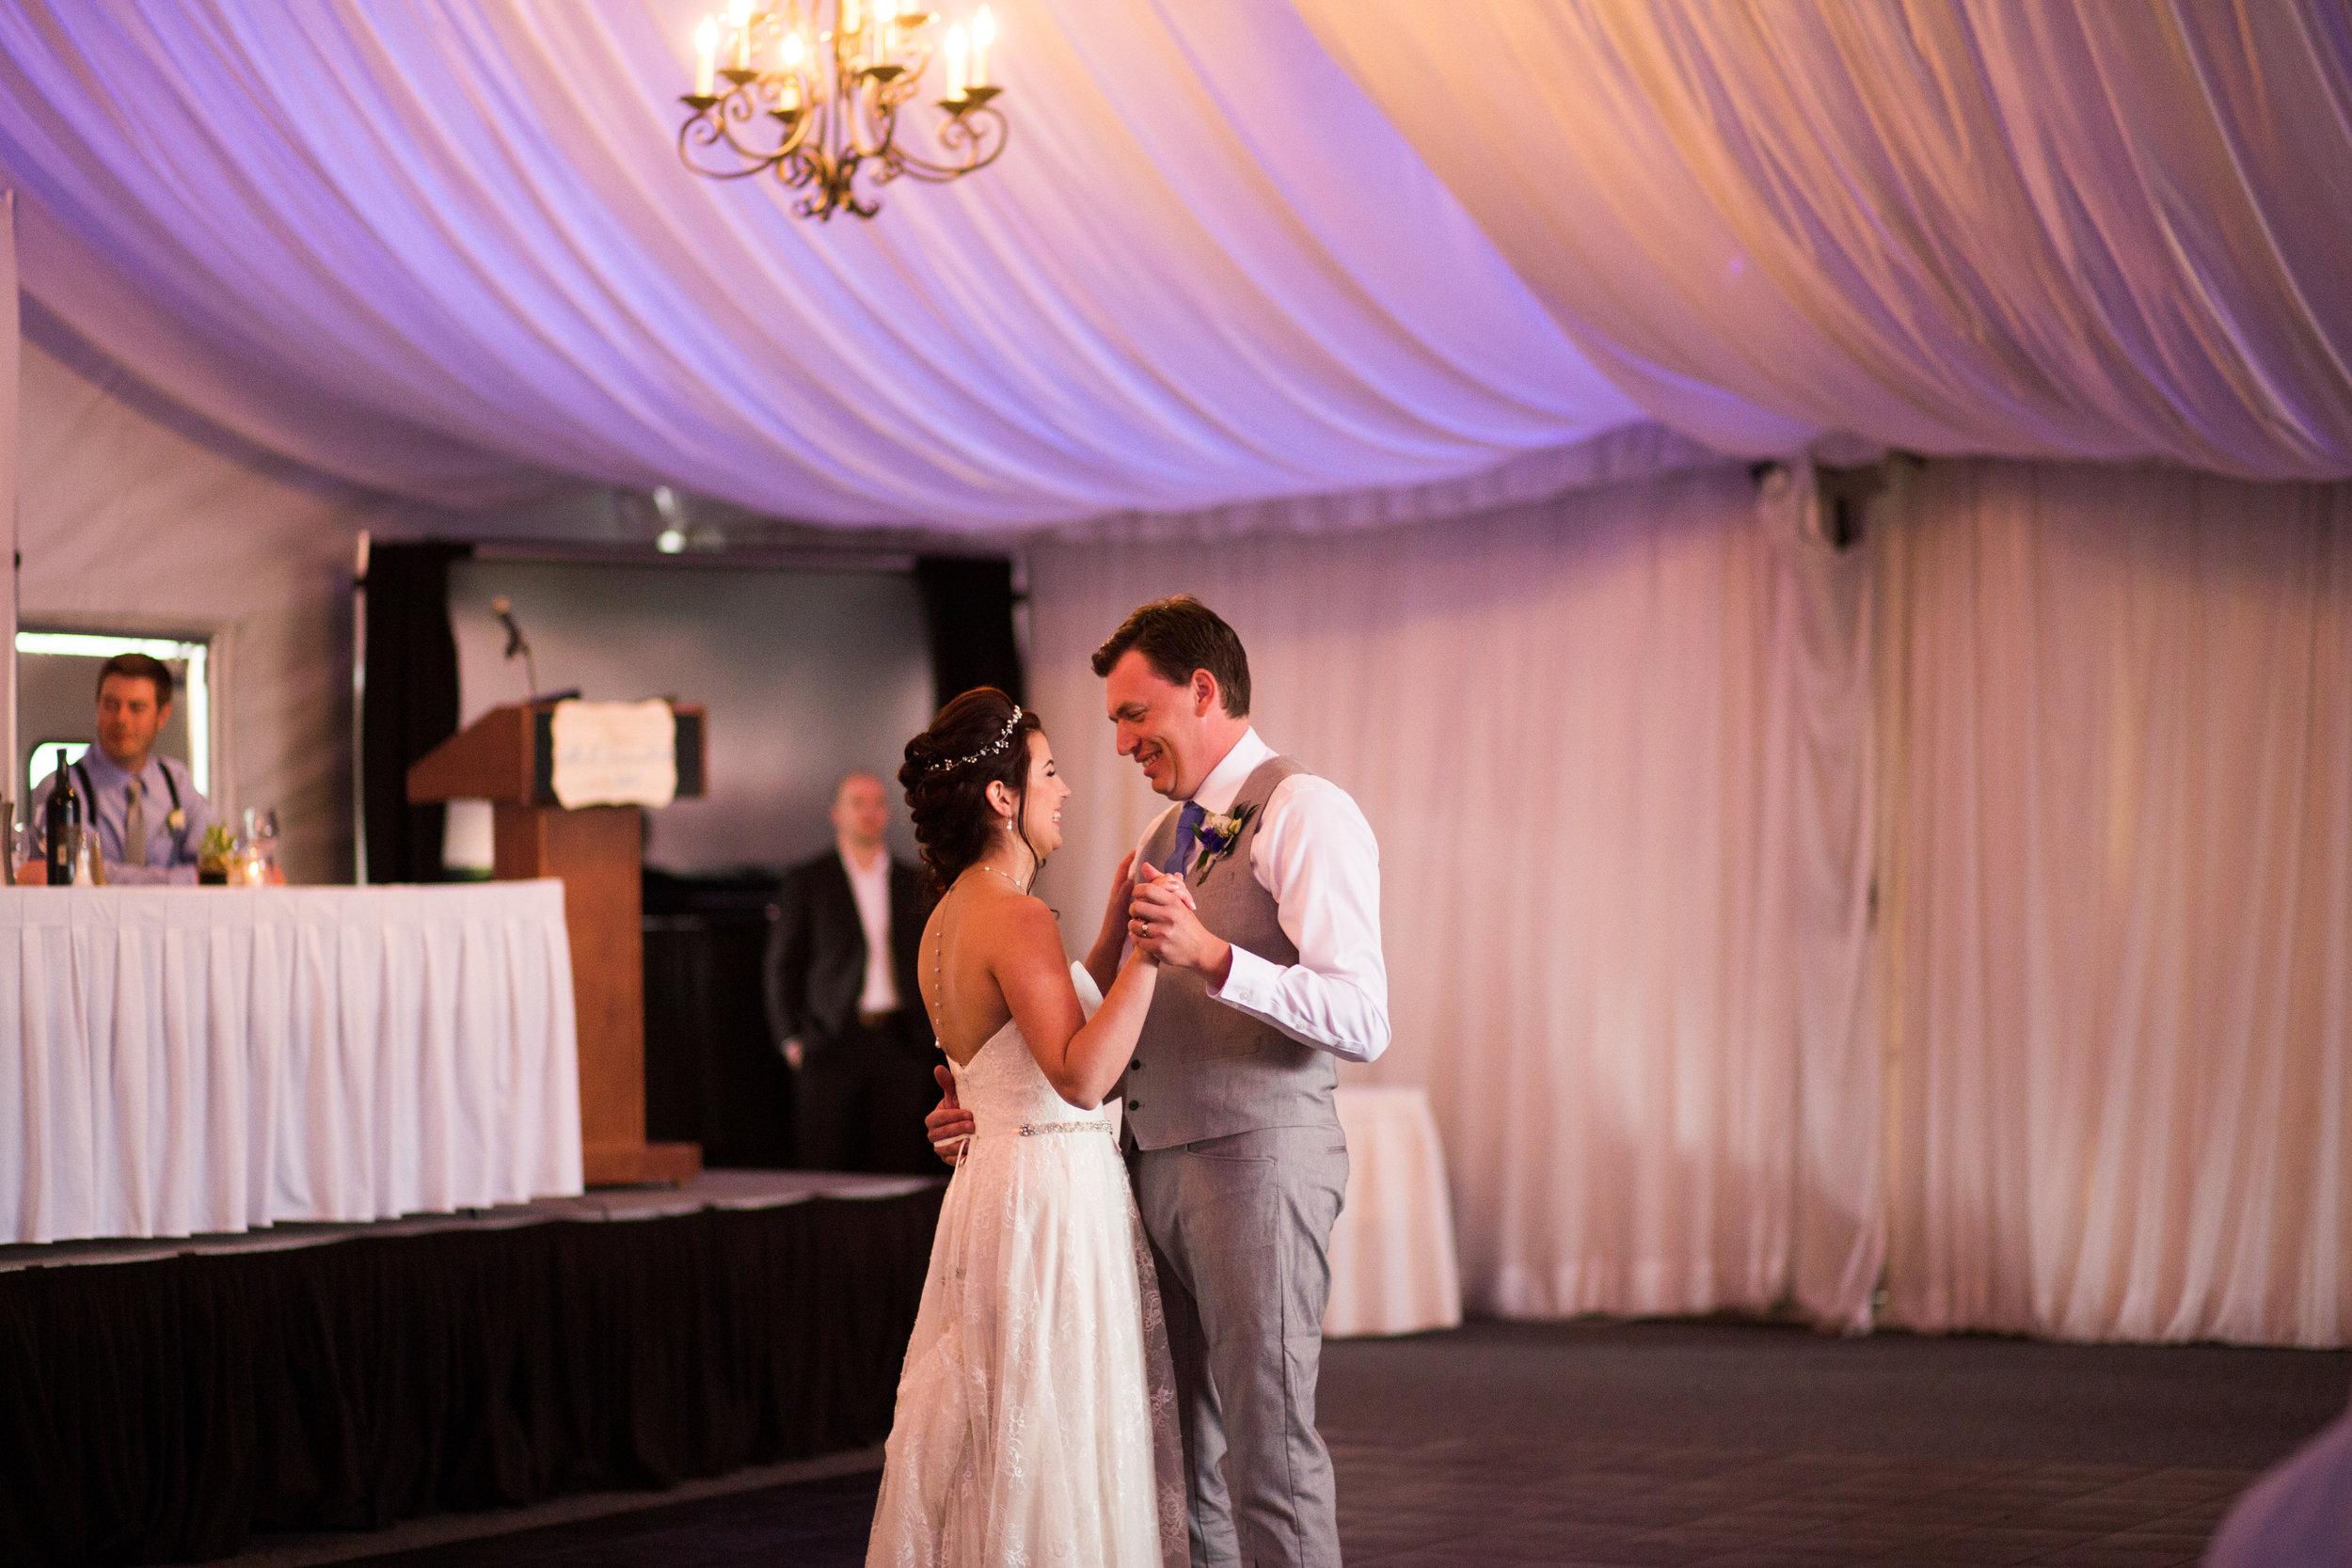 Jake and Rebecca 5 - First Dance-33.jpg